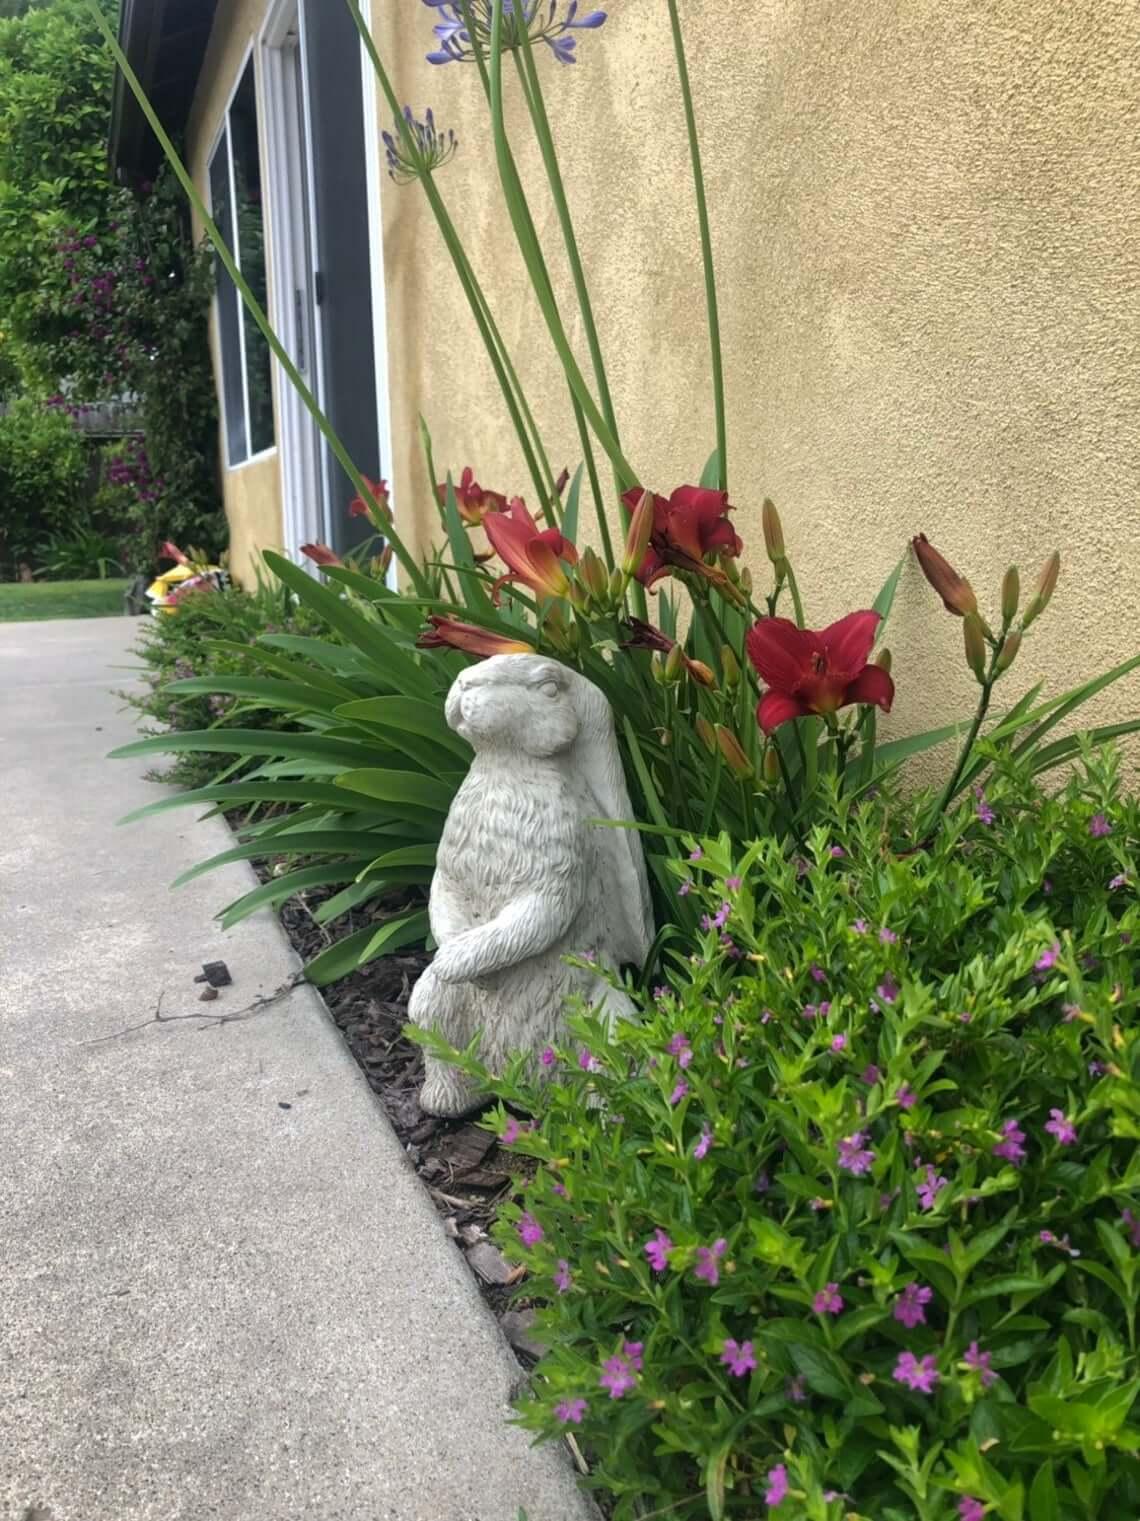 Cute Concrete Critter Bunny Garden Decor